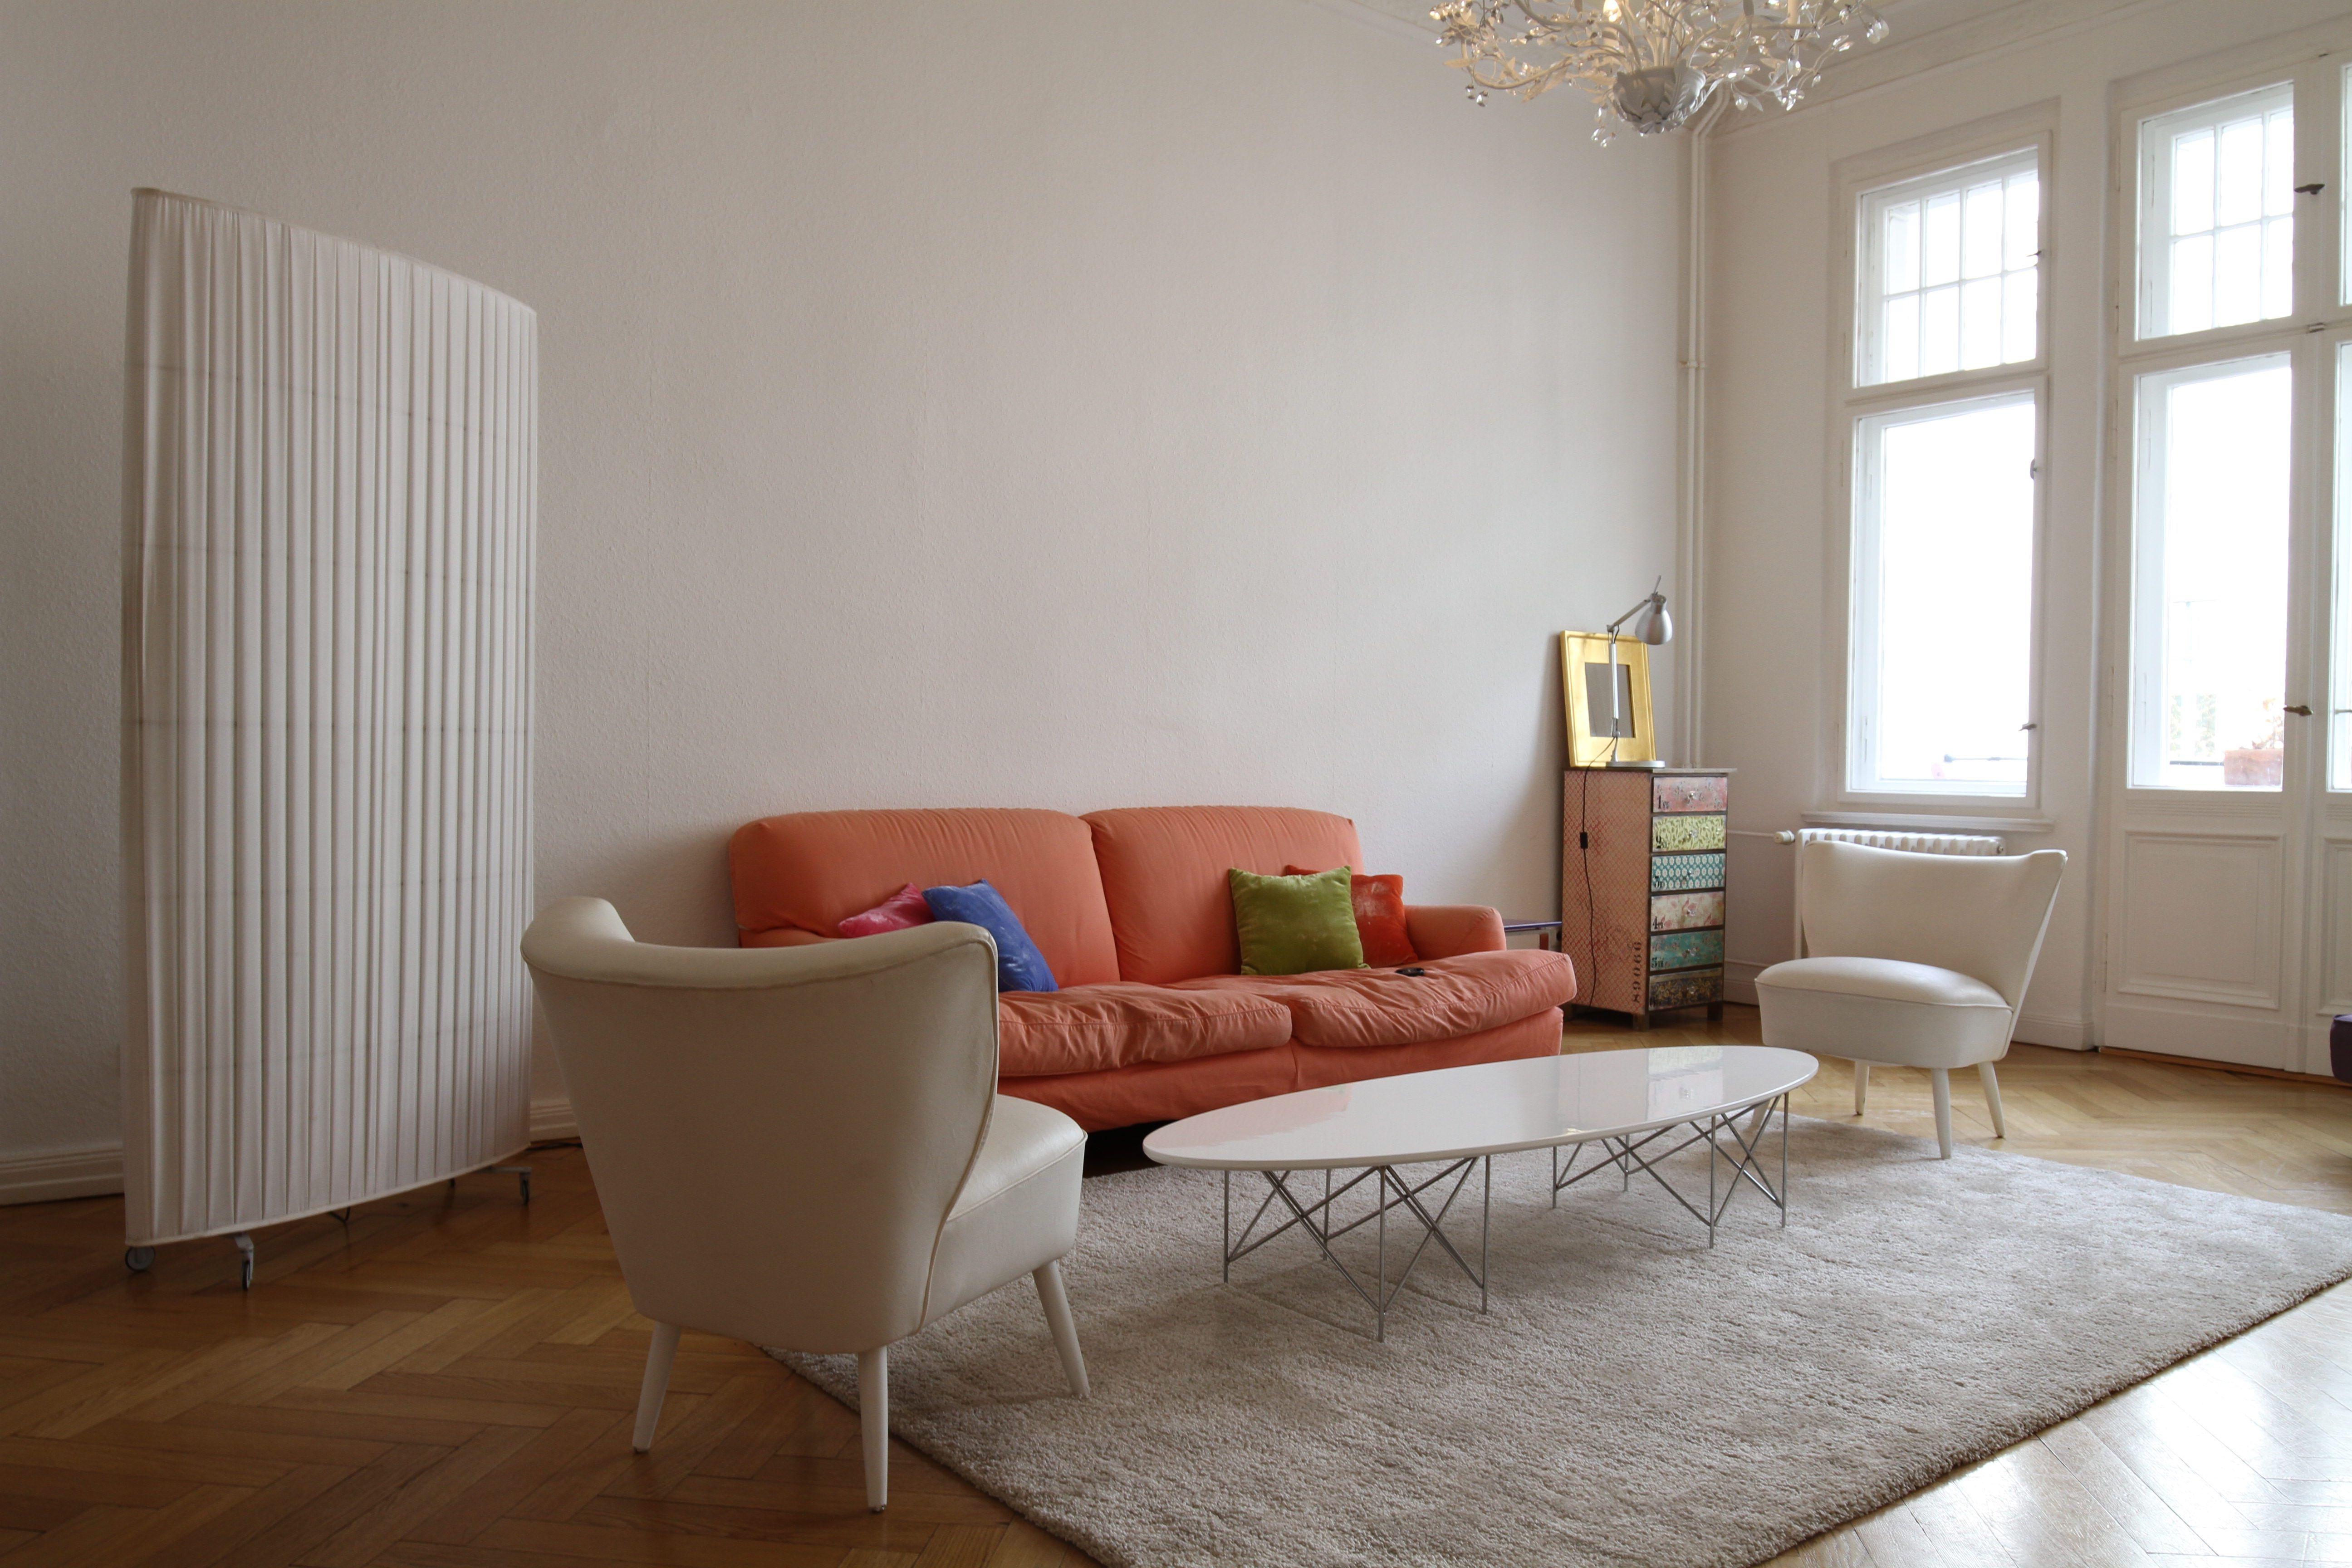 Pin Von Villarohome Living Auf Wohnzimmer Moblierte Wohnung Wohnung Wohnzimmer